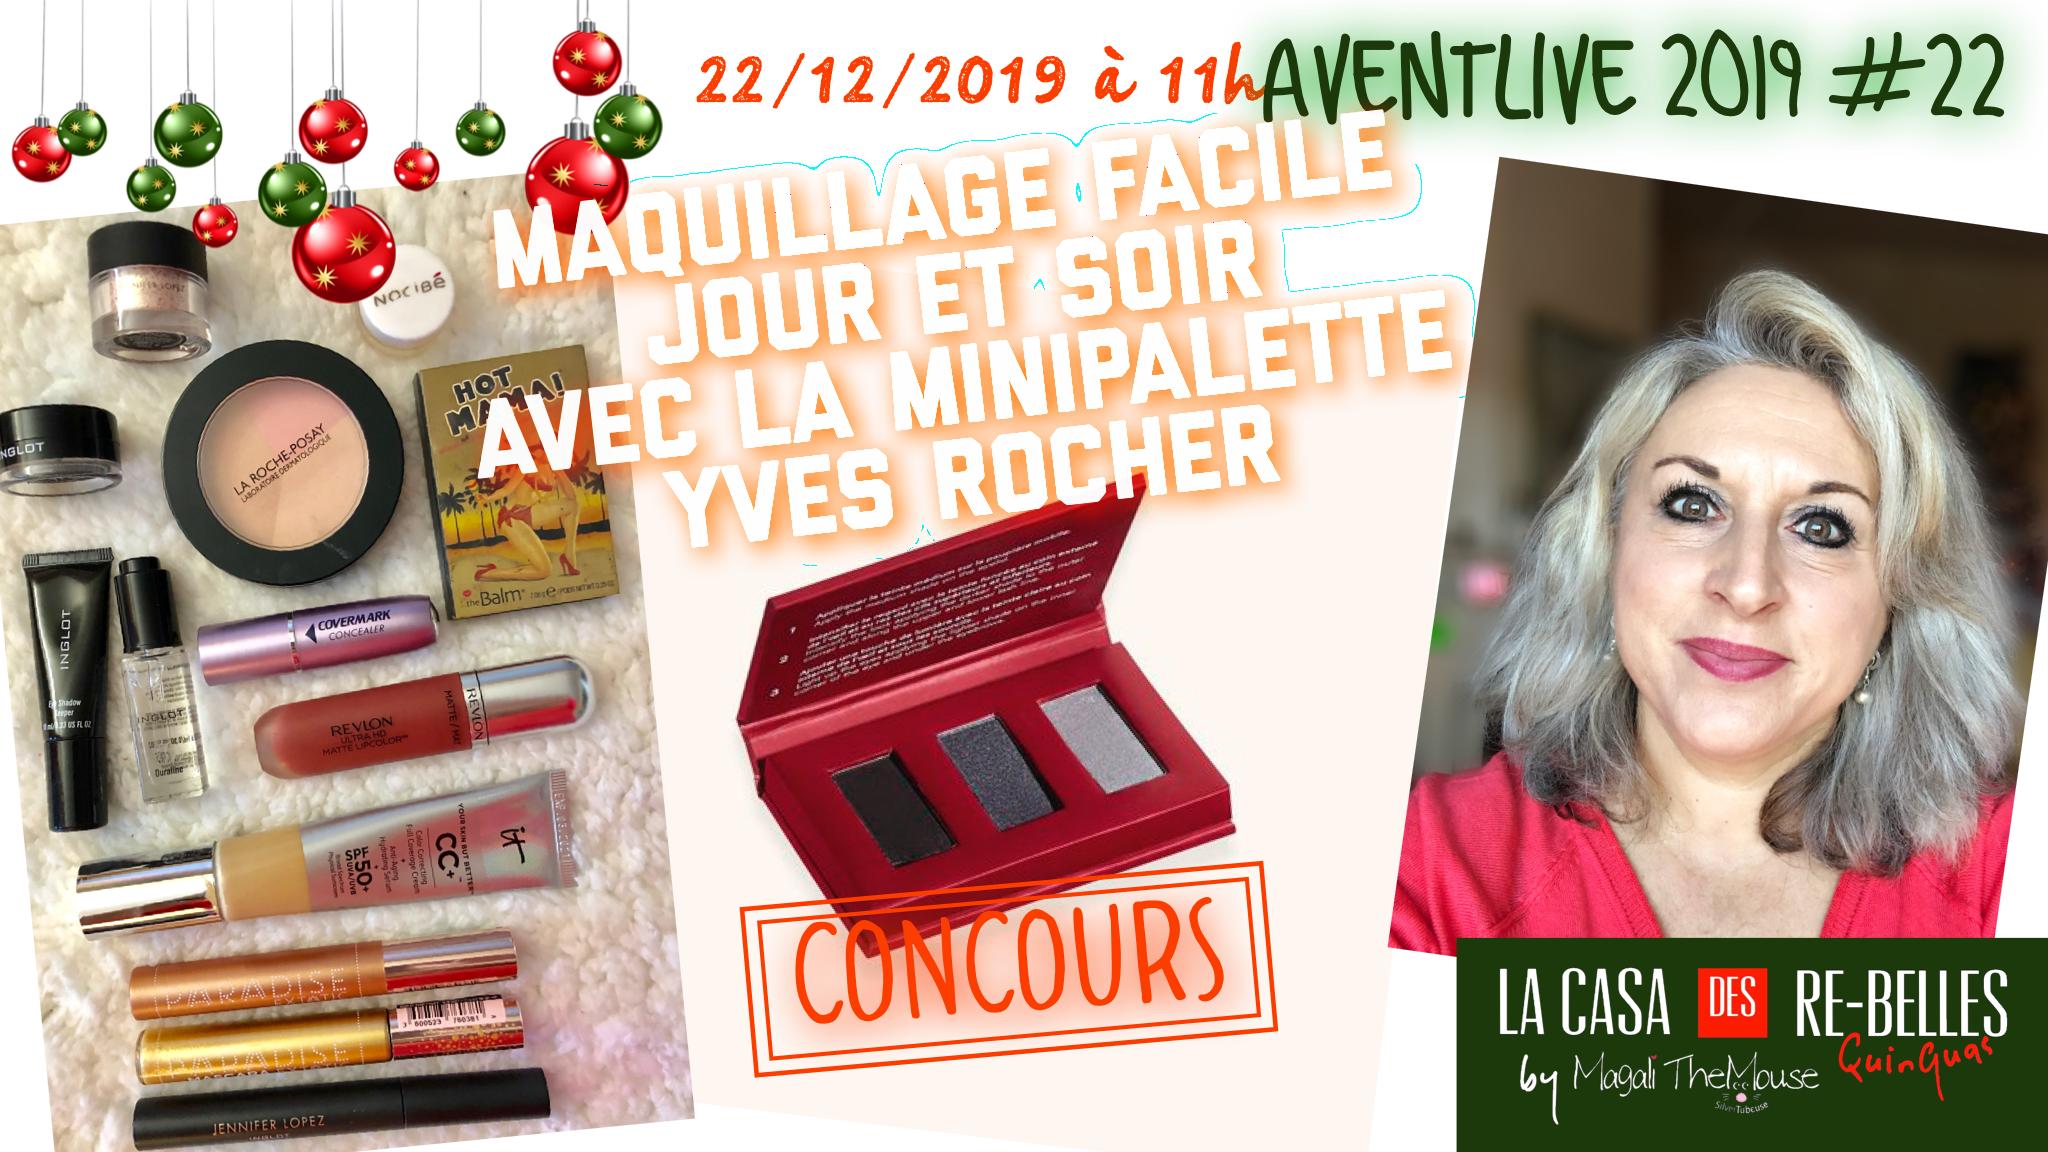 Maquillage facile jour et soir avec la mini palette Yves Rocher